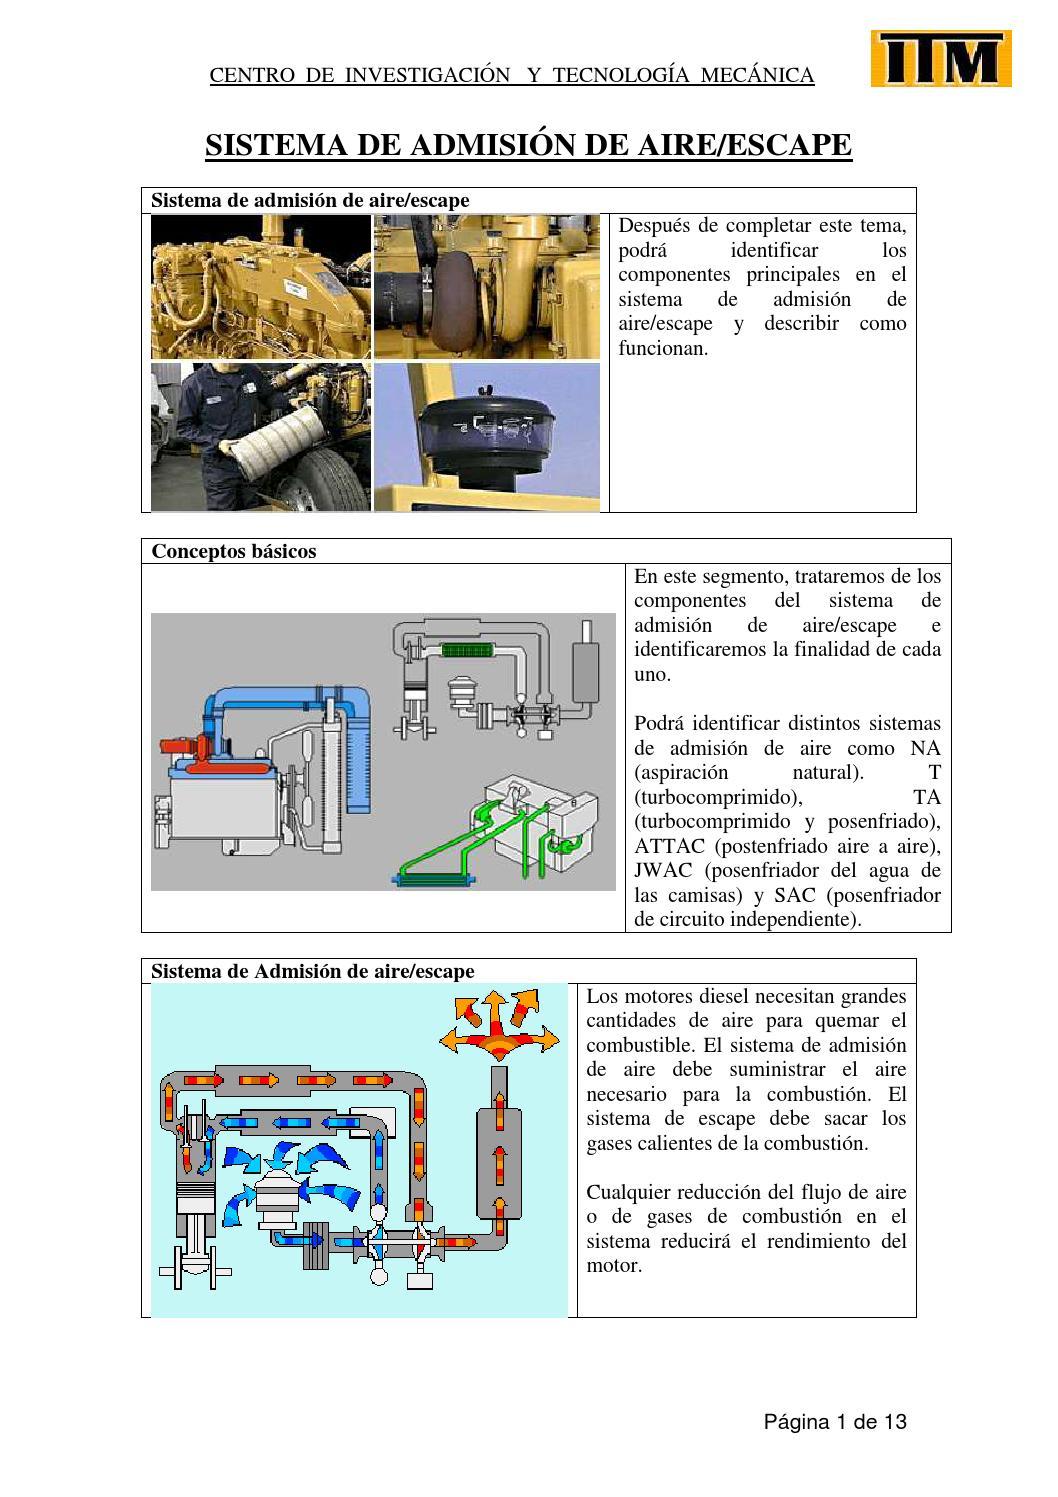 Sistema de admisión de aire y escape de gases